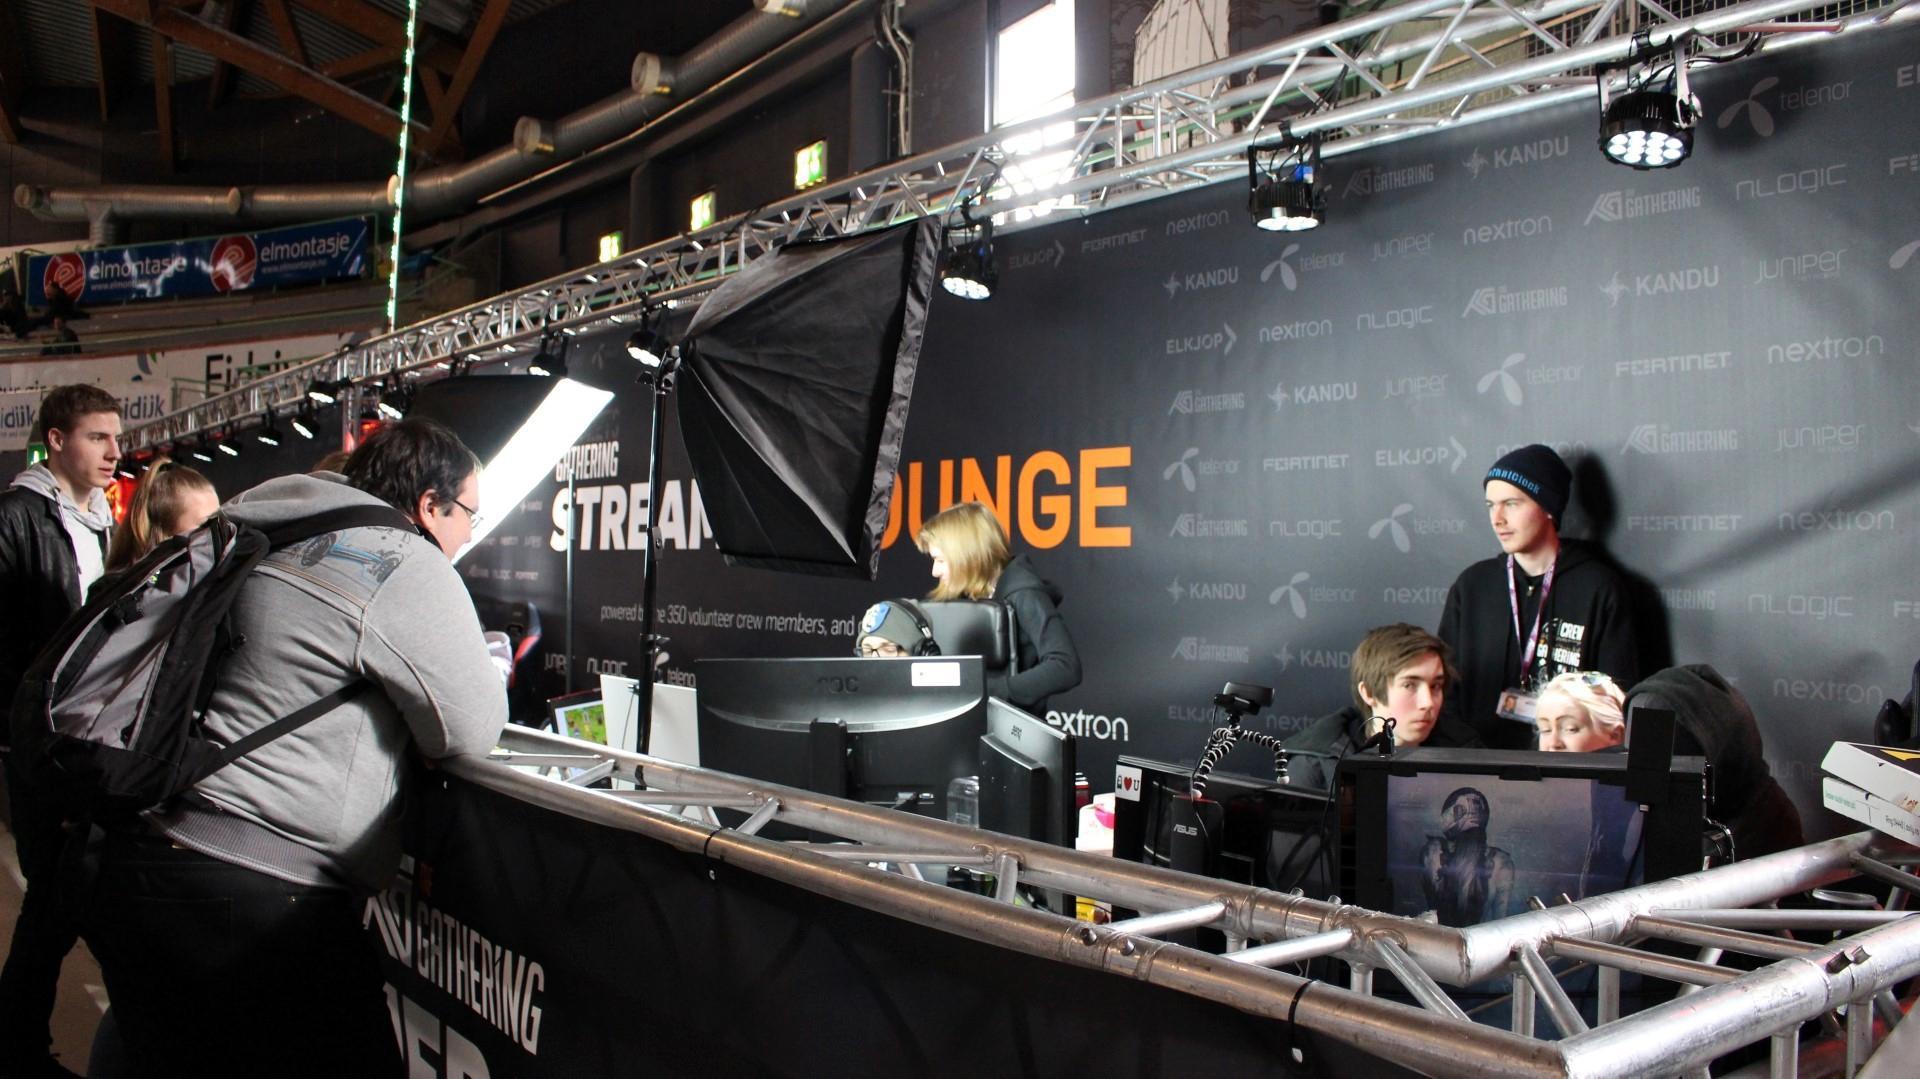 """TG hadde i år satt opp en egen """"Streamers Lounge"""" der kjente streamere satt og – du gjettet det – streamet spillene sine."""